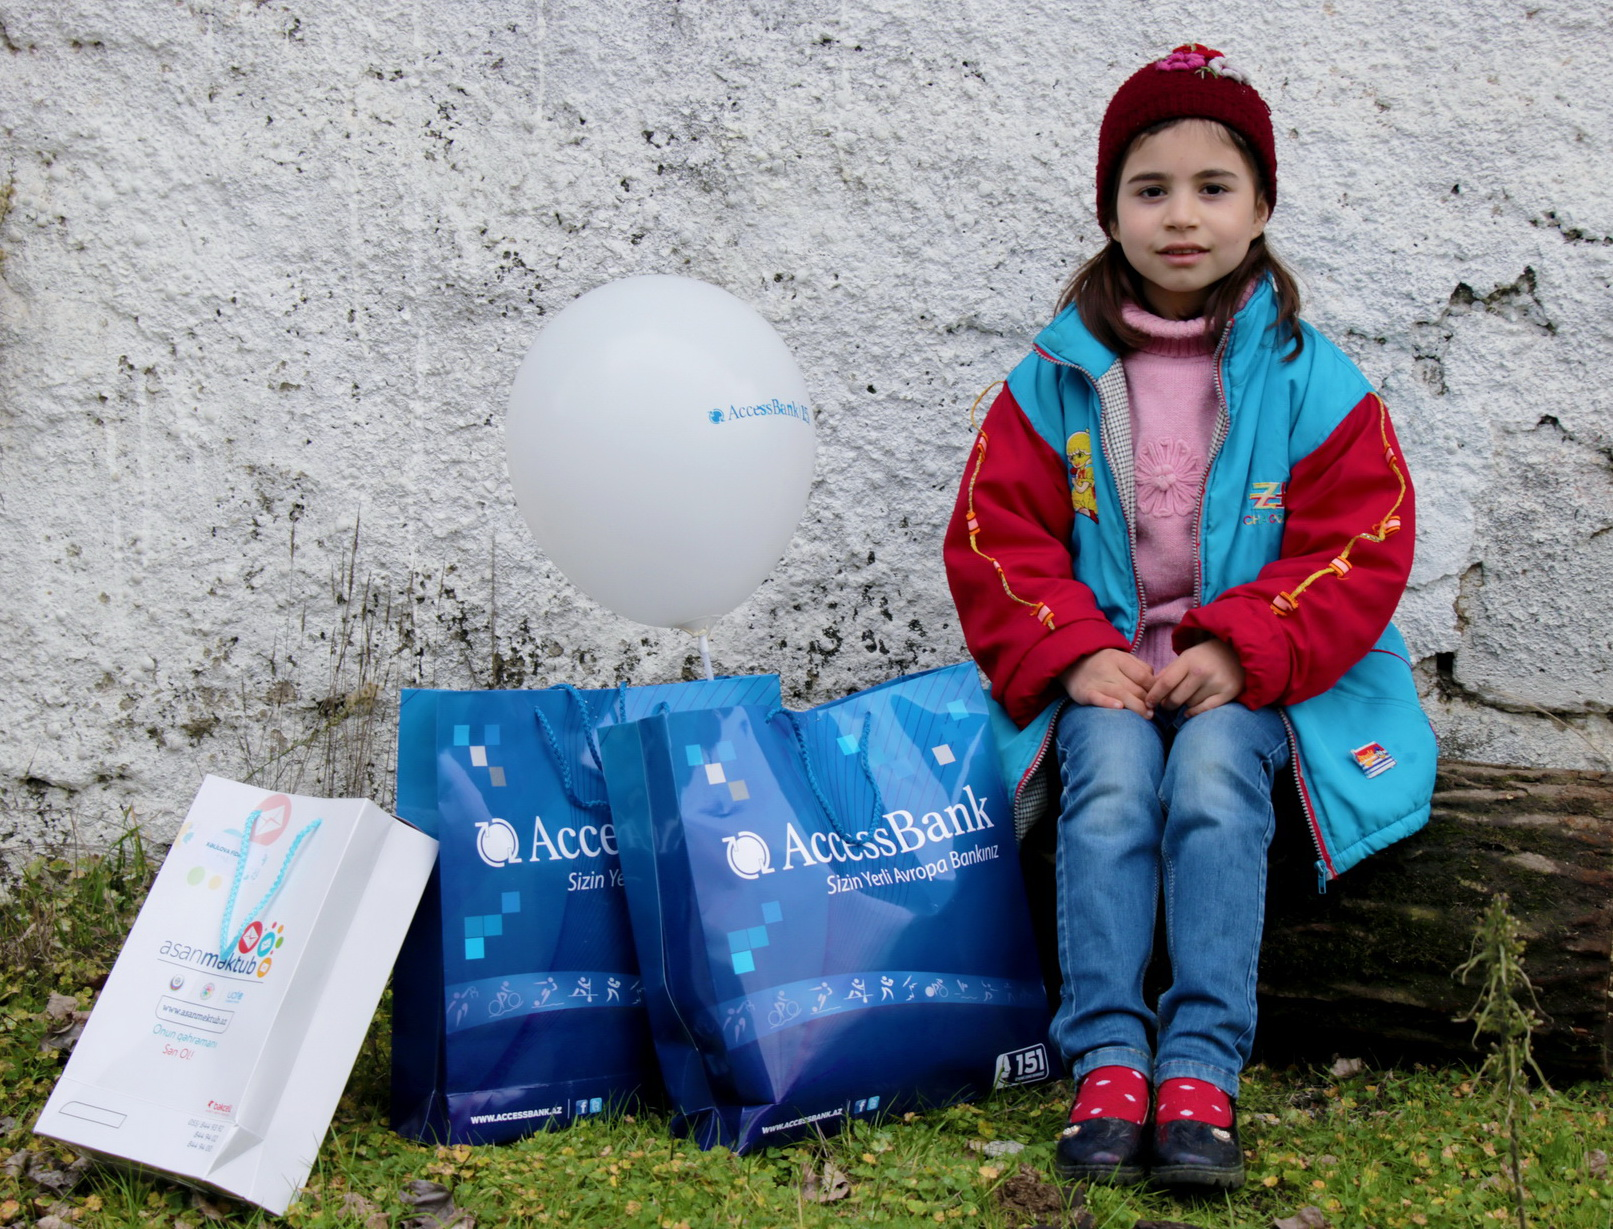 AccessBank məsafələri aşaraq uşaqları sevindirdi